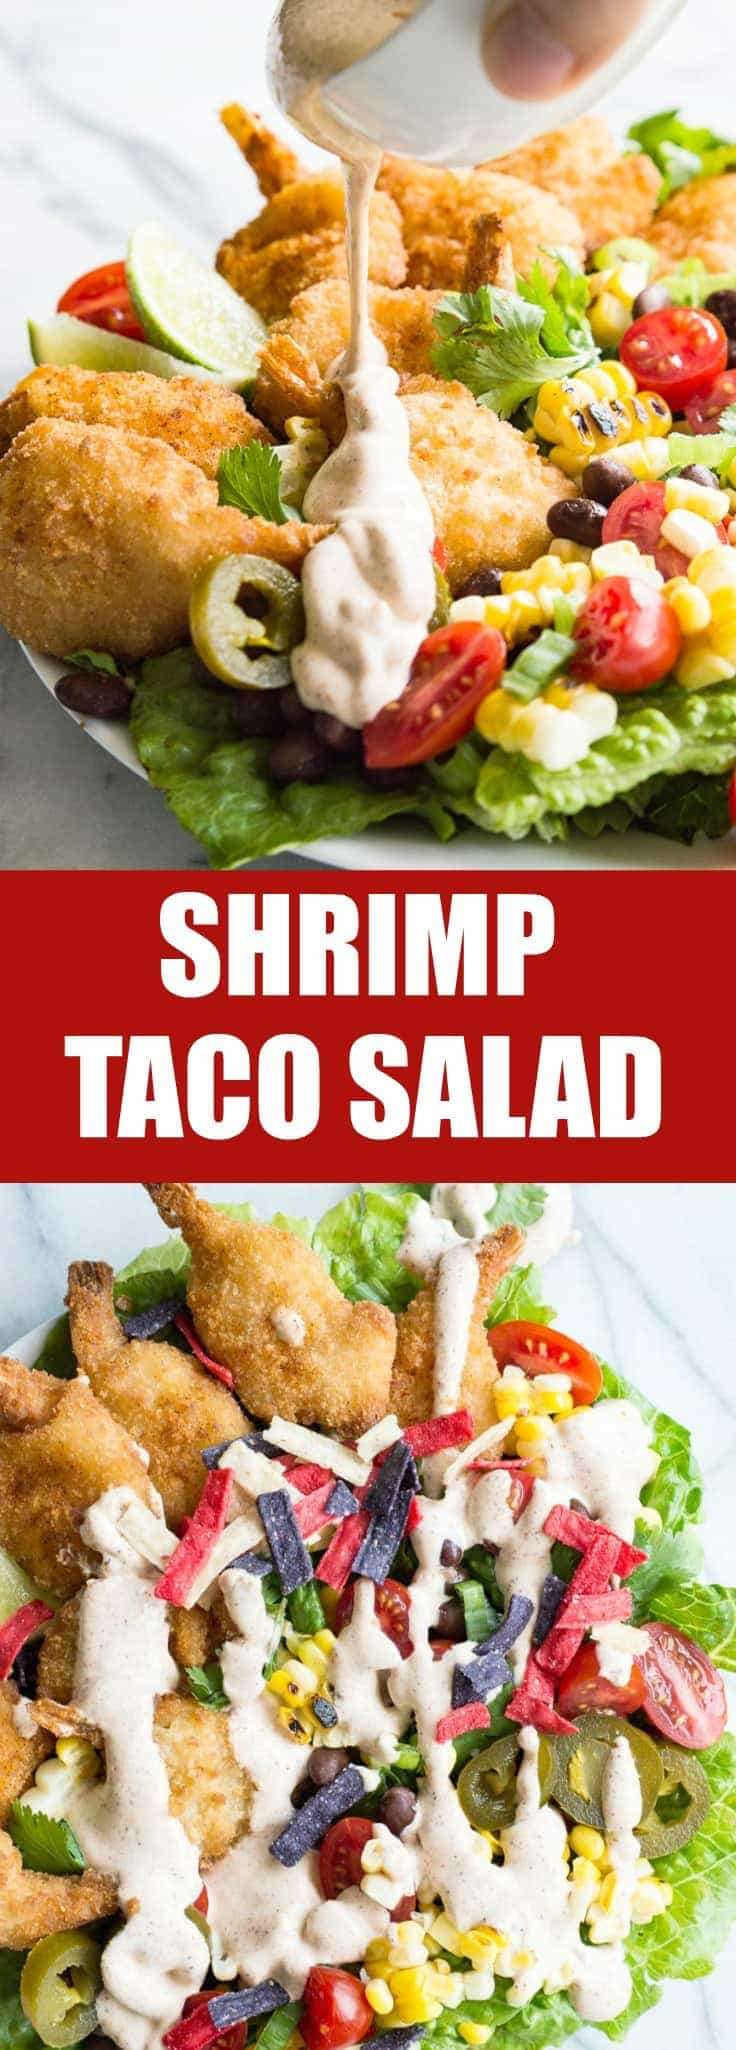 Shrimp Taco Salad With Southwestern Dressing House Of Yumm